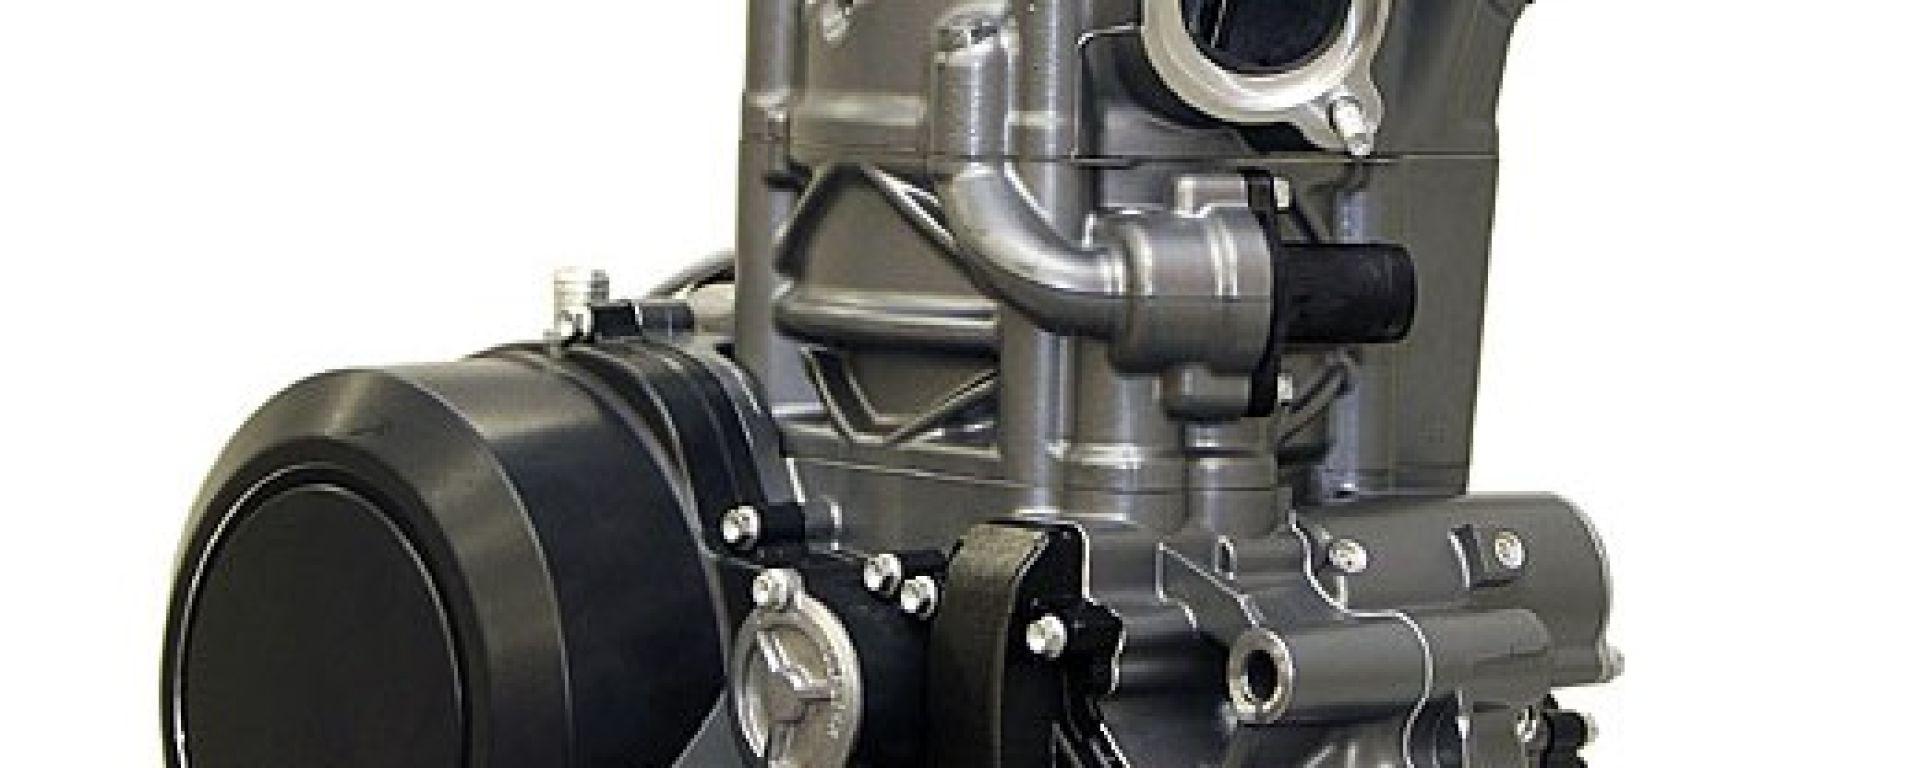 KTM: 60 cv per l'LC4 2007